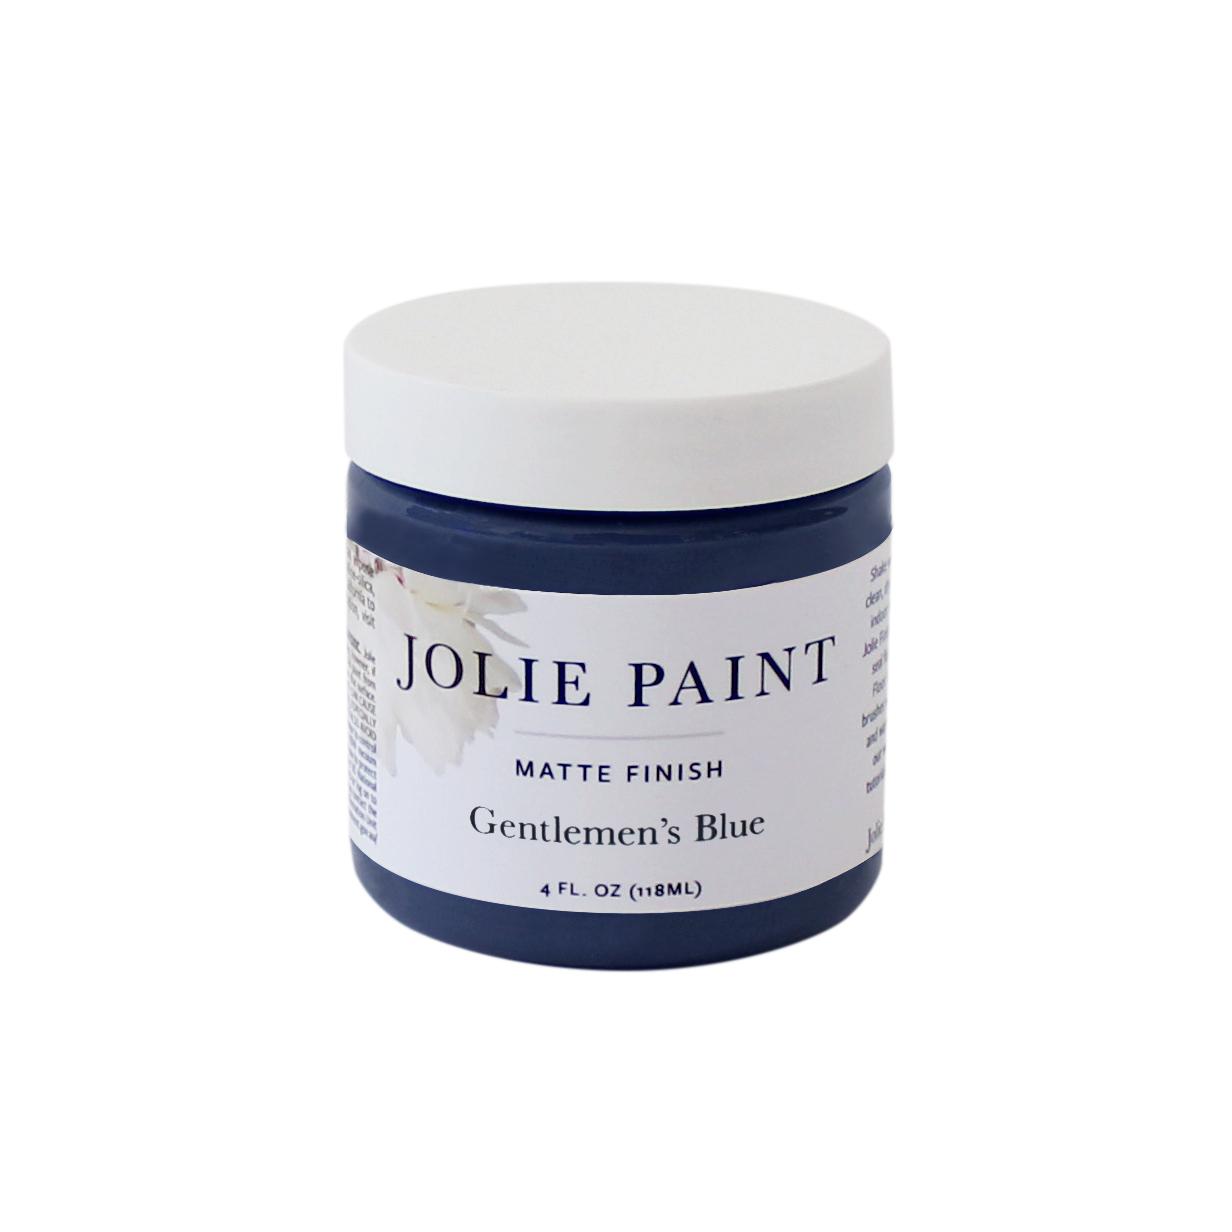 Gentleman's Blue - Jolie Paint (s)